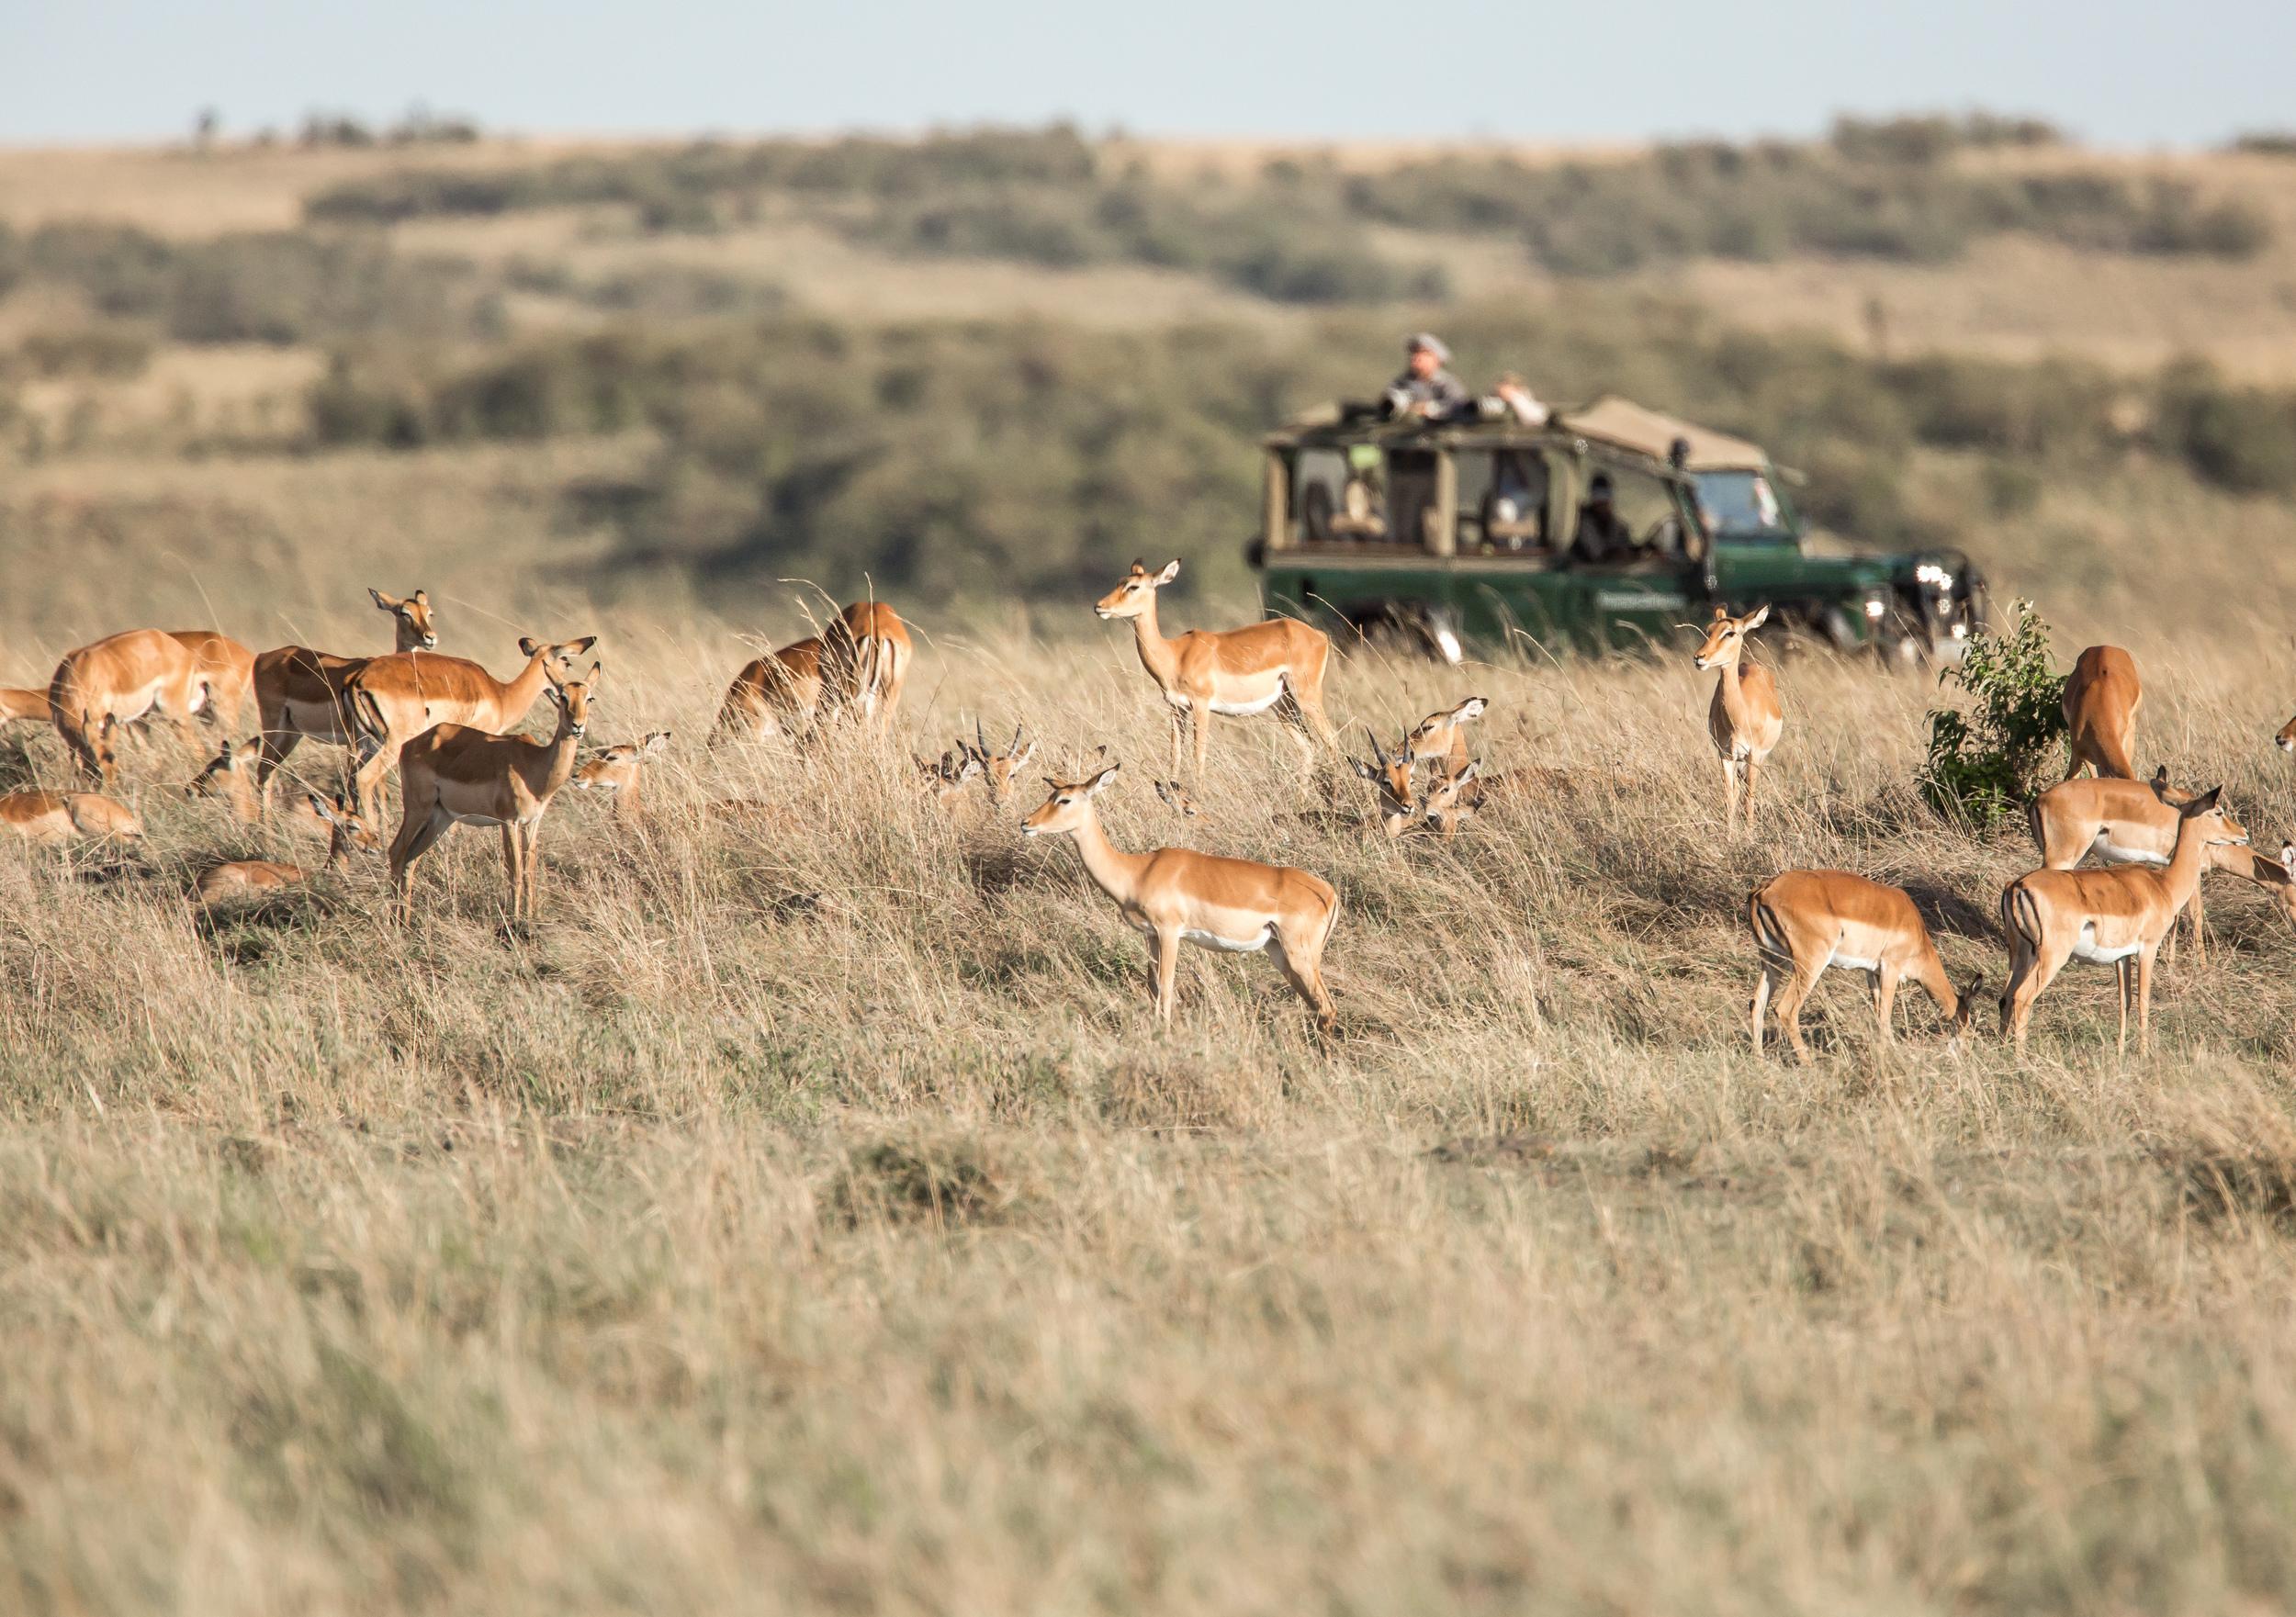 A tranquil safari scene in Kenya